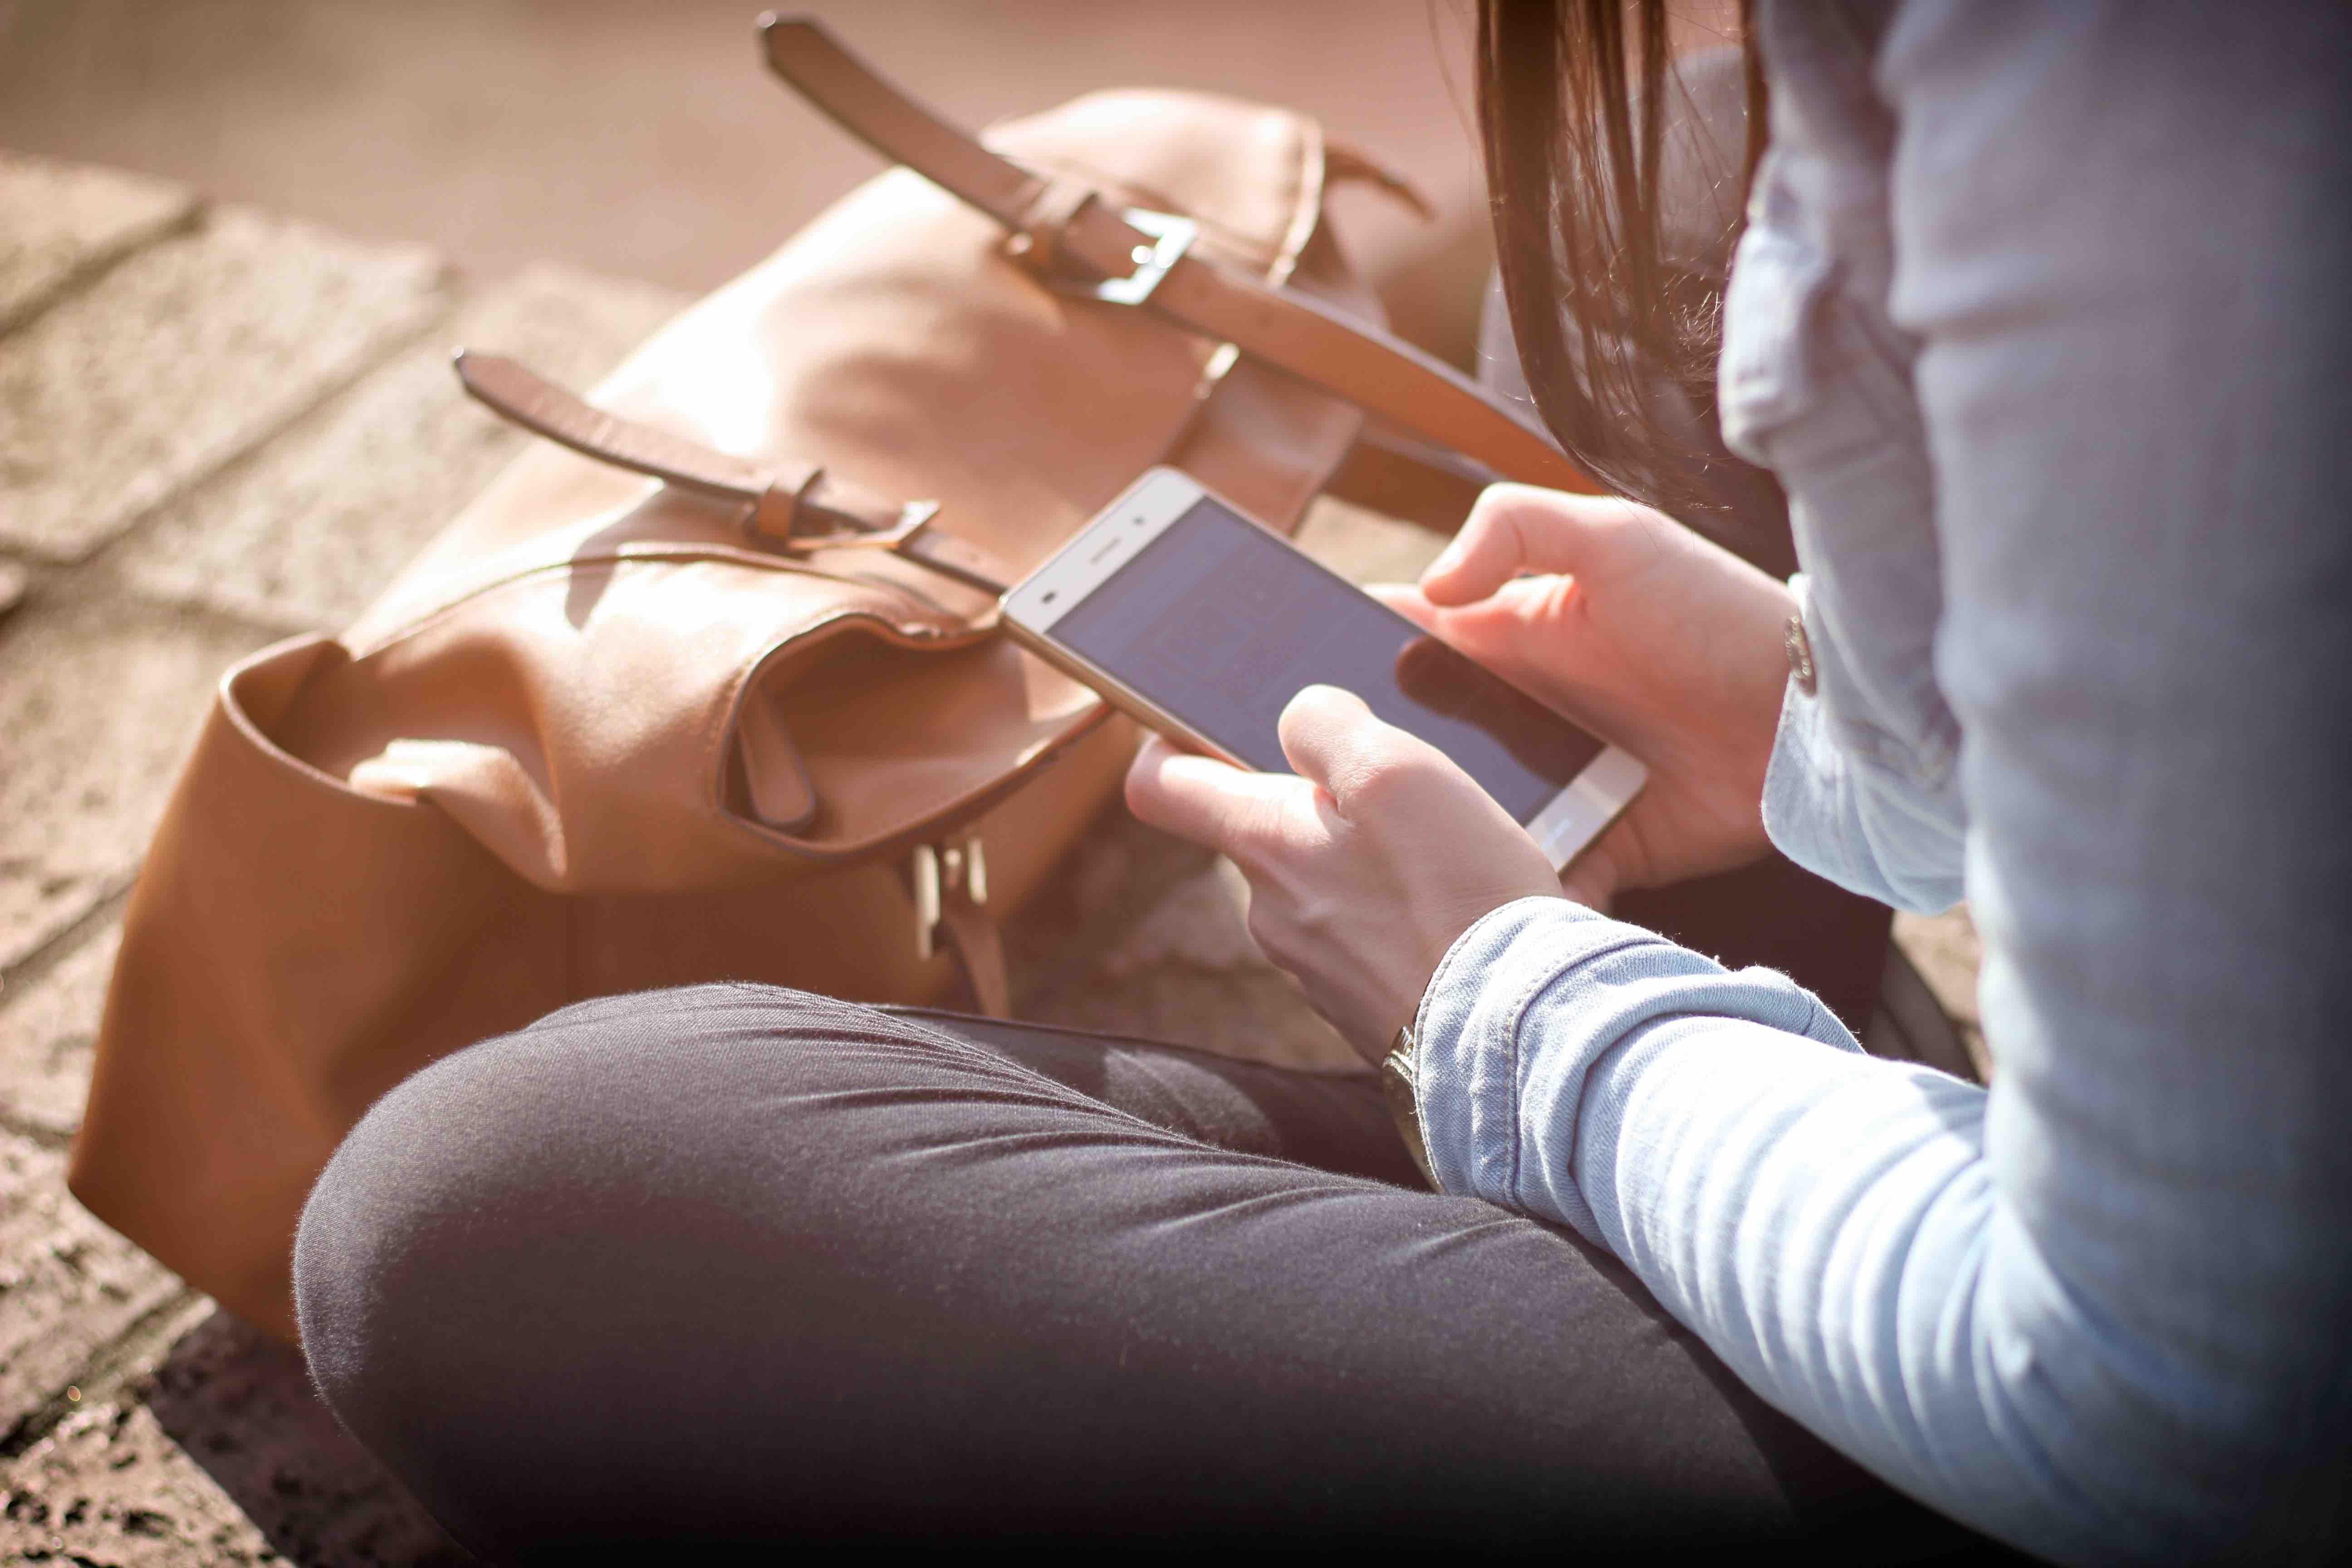 Le native advertising au Maroc : une aubaine pour les marques, un danger pour les médias